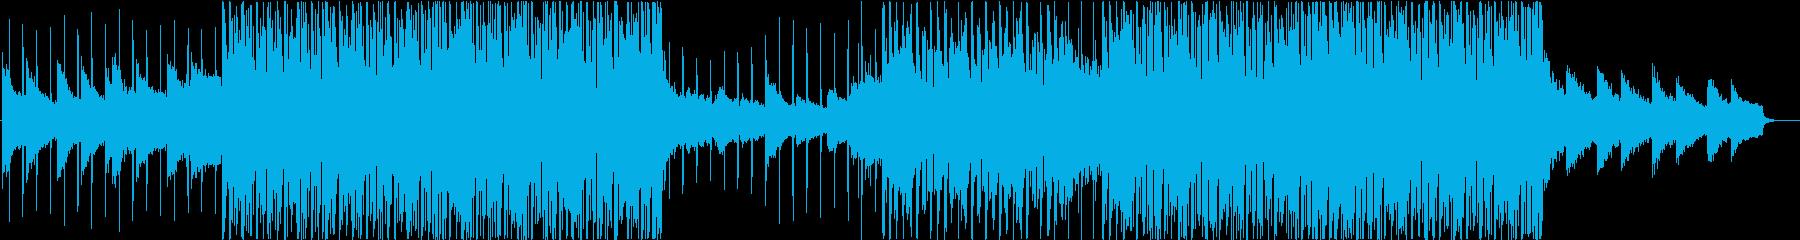 ダンスエレクトロポップサマークラブの再生済みの波形